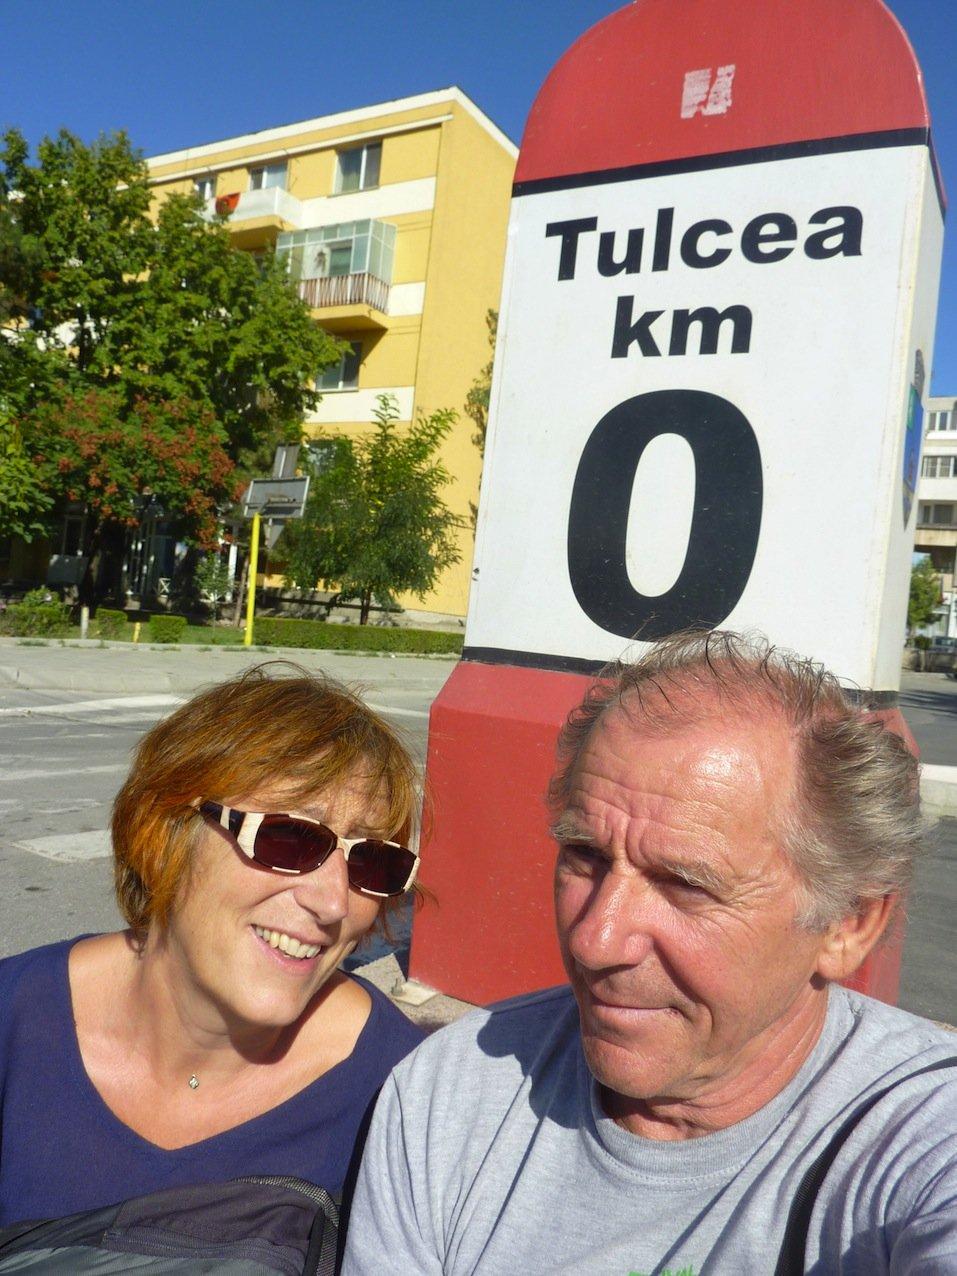 tulcea2.jpg